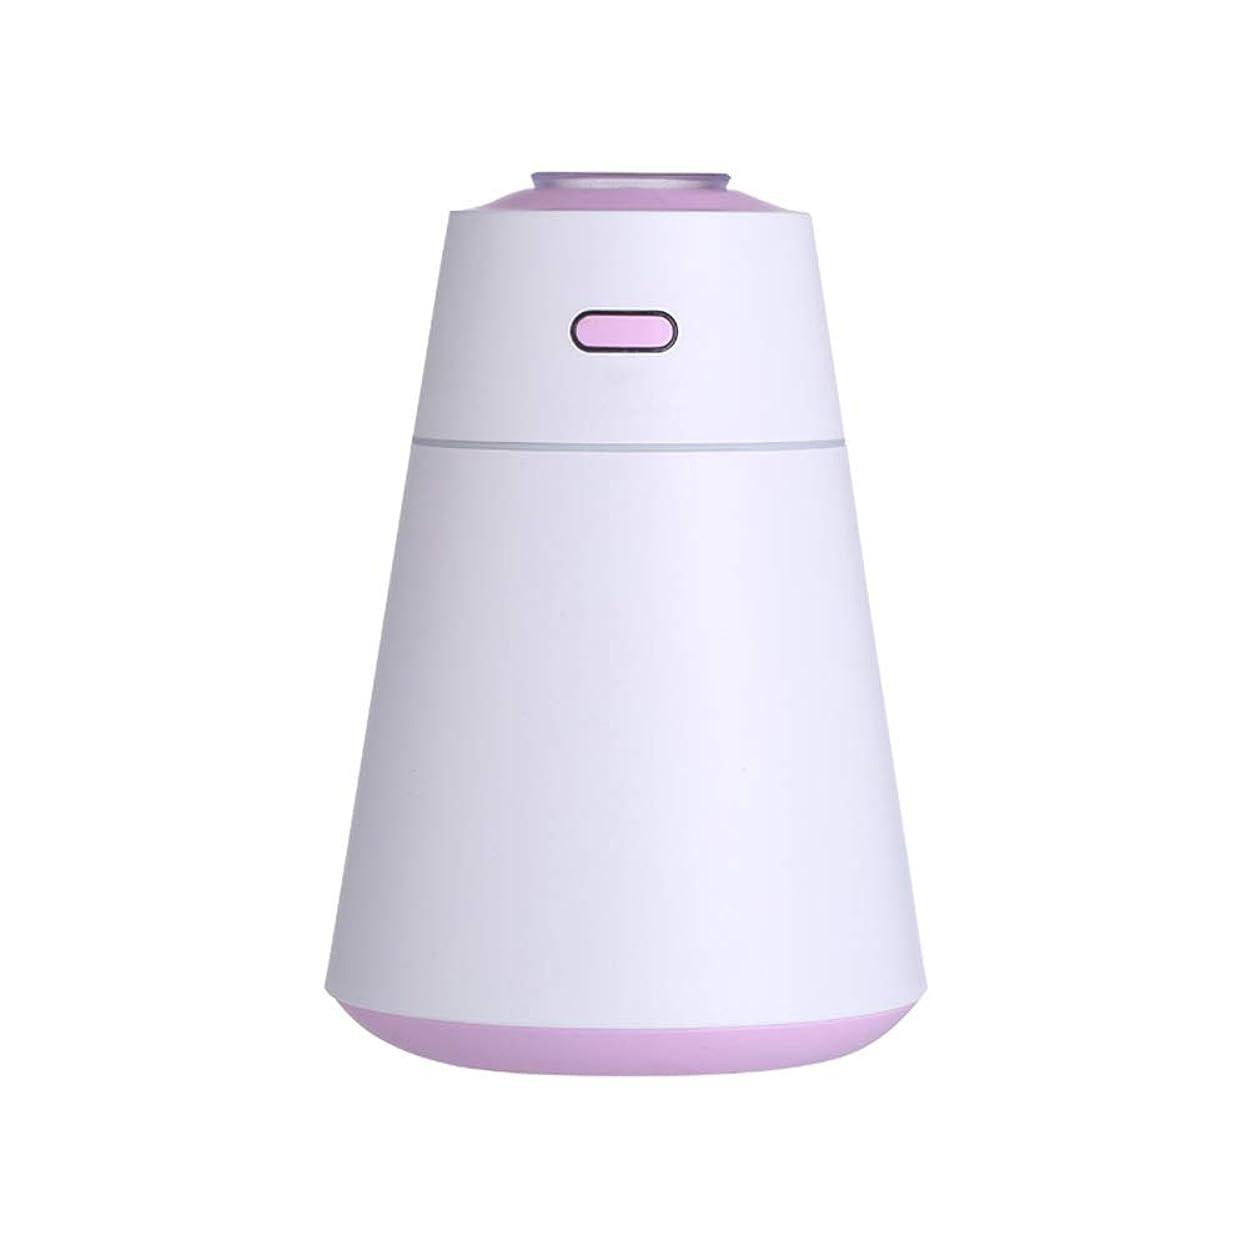 邪魔する褐色見つけた加湿器USBデスクトップ寝室加湿器クリエイティブファッションシンプルな火山加湿器超音波加湿,Pink